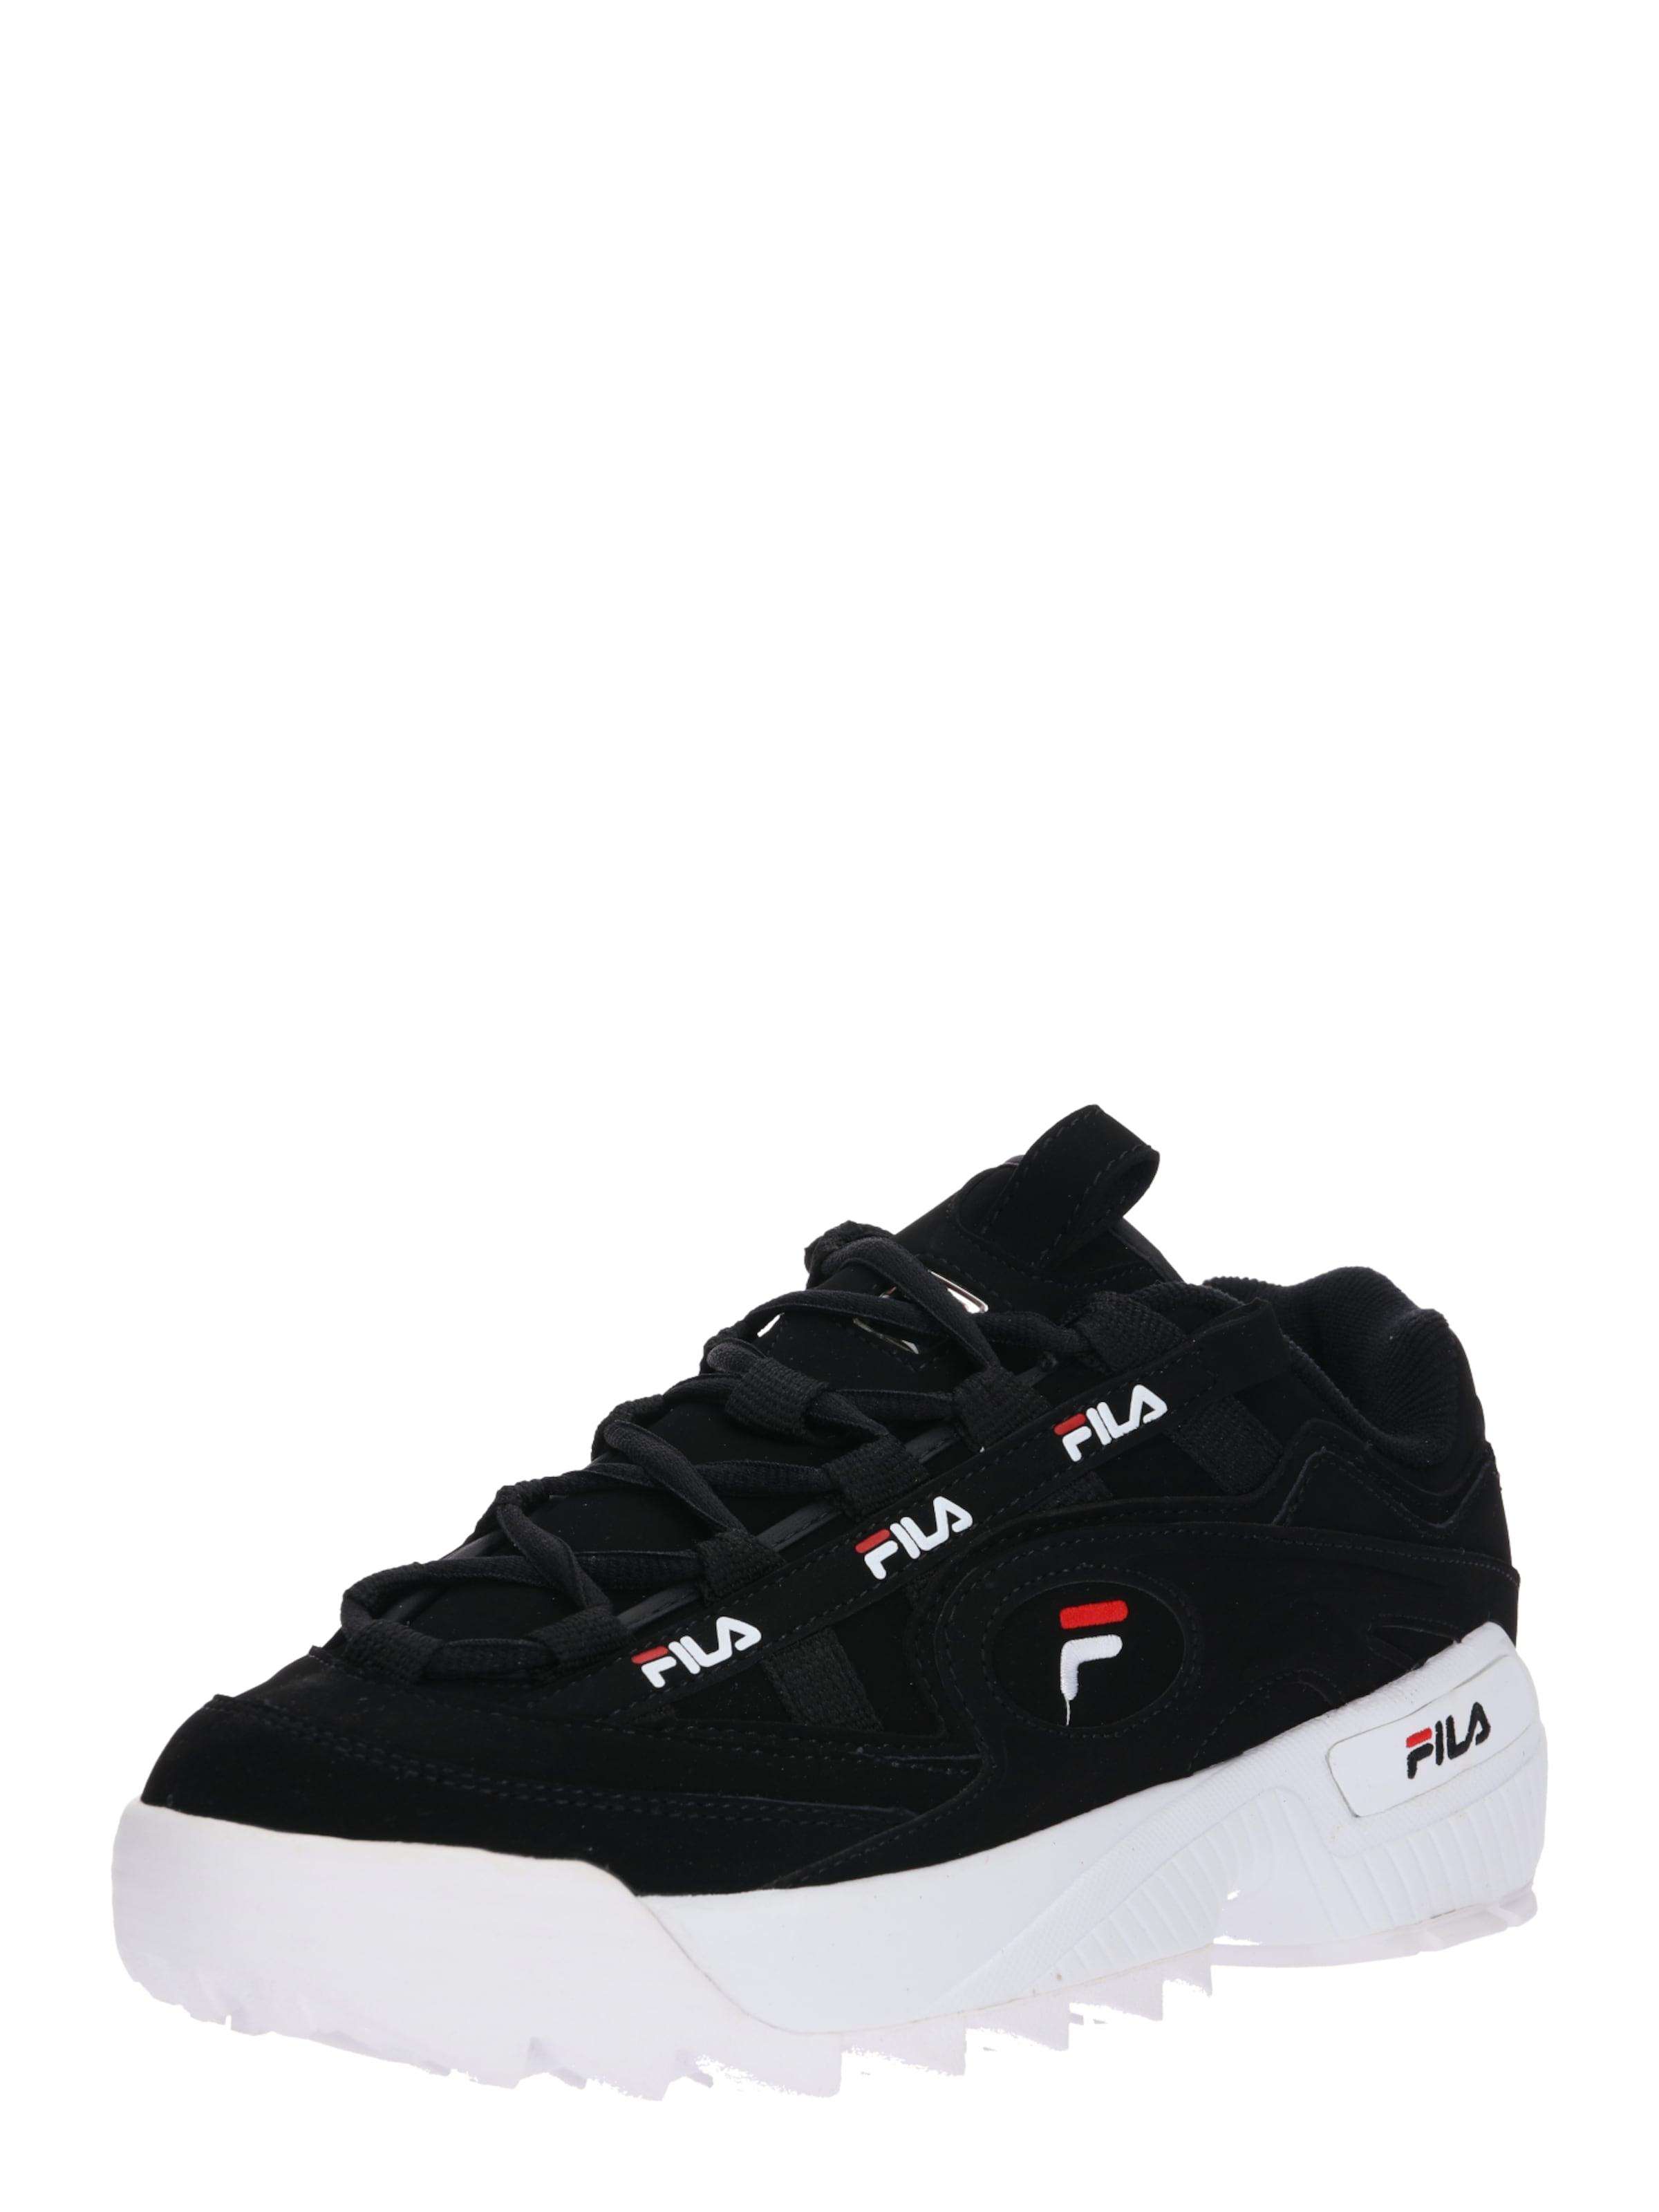 'd Fila Men' SchwarzWeiß Sneaker Formation In FJcKul13T